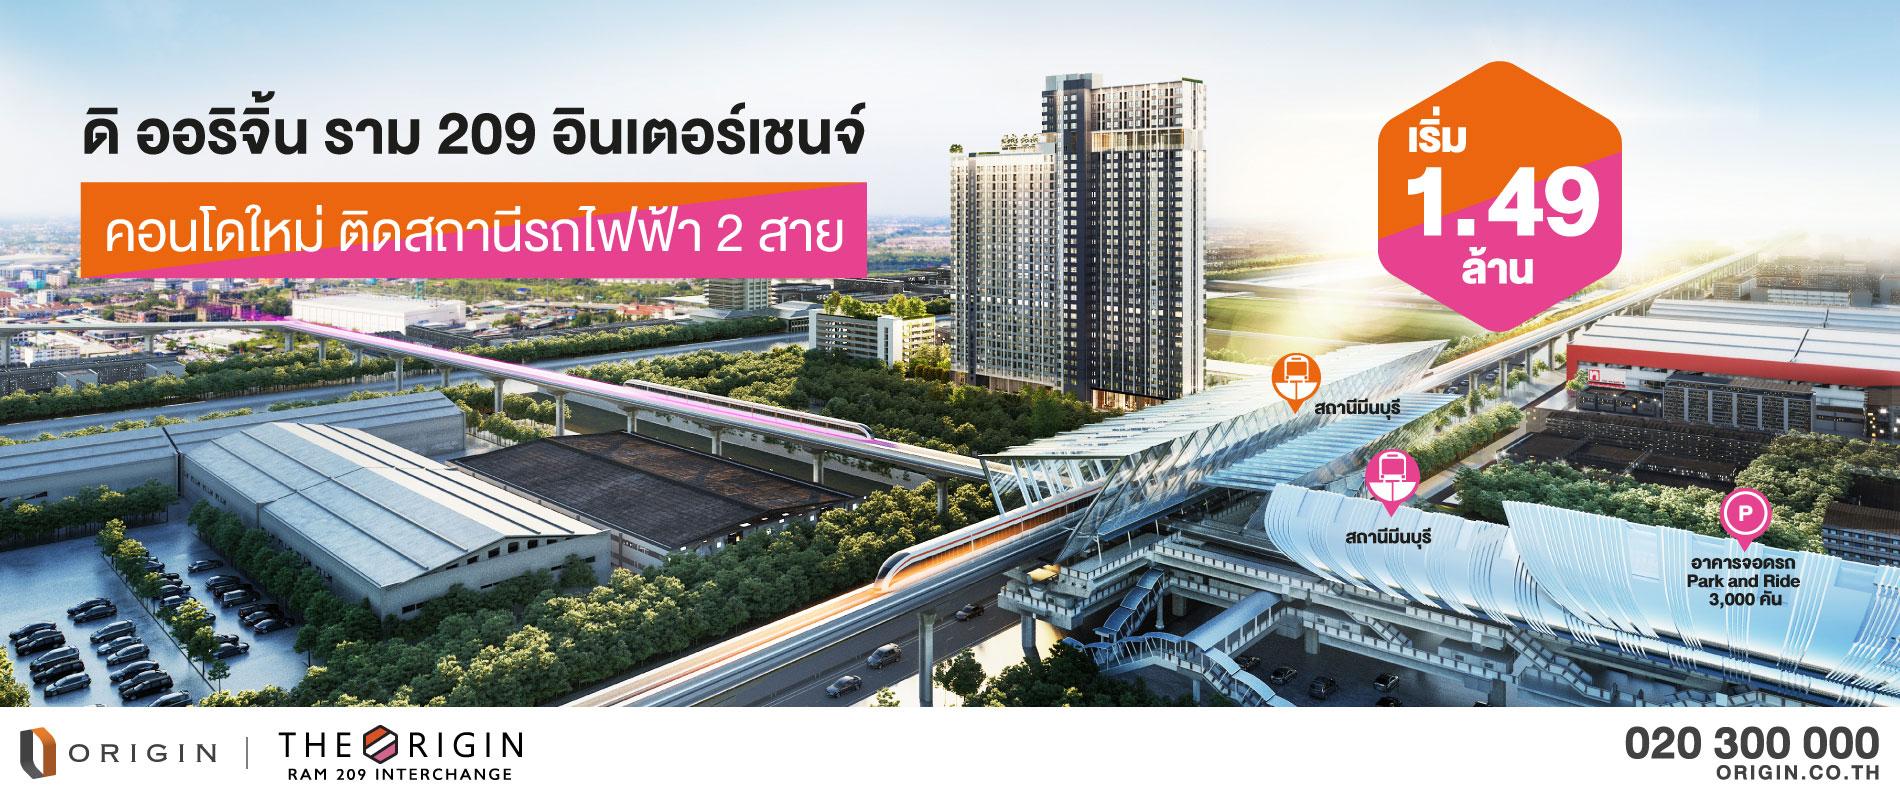 the-origin-ram-209-interchange